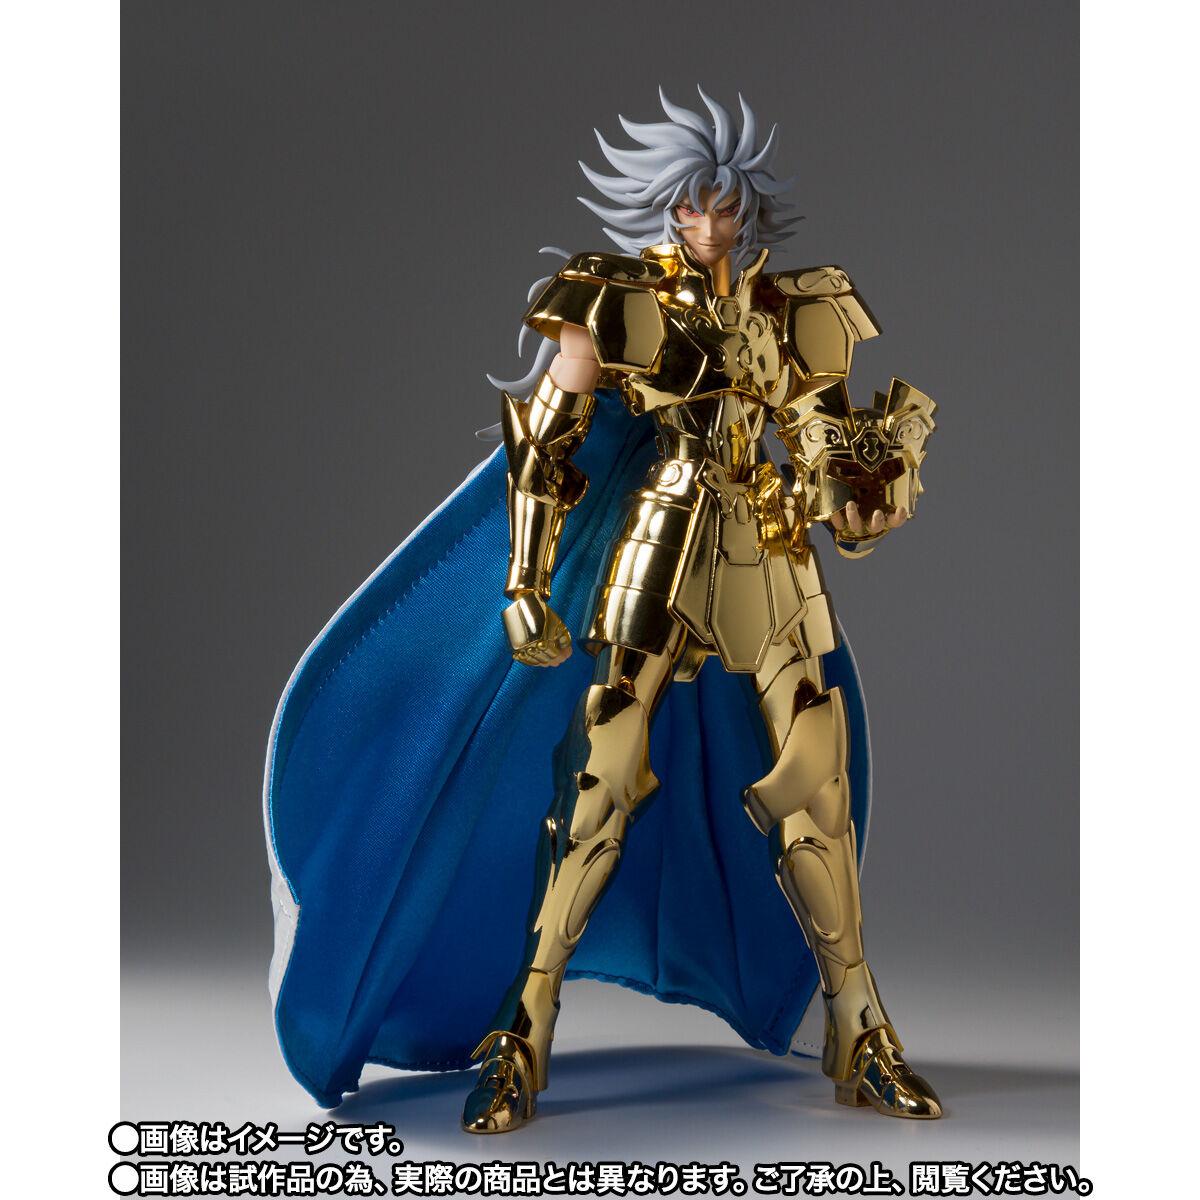 【限定販売】聖闘士聖衣神話EX『ジェミニ サガ GOLD24』聖闘士星矢 可動フィギュア-003